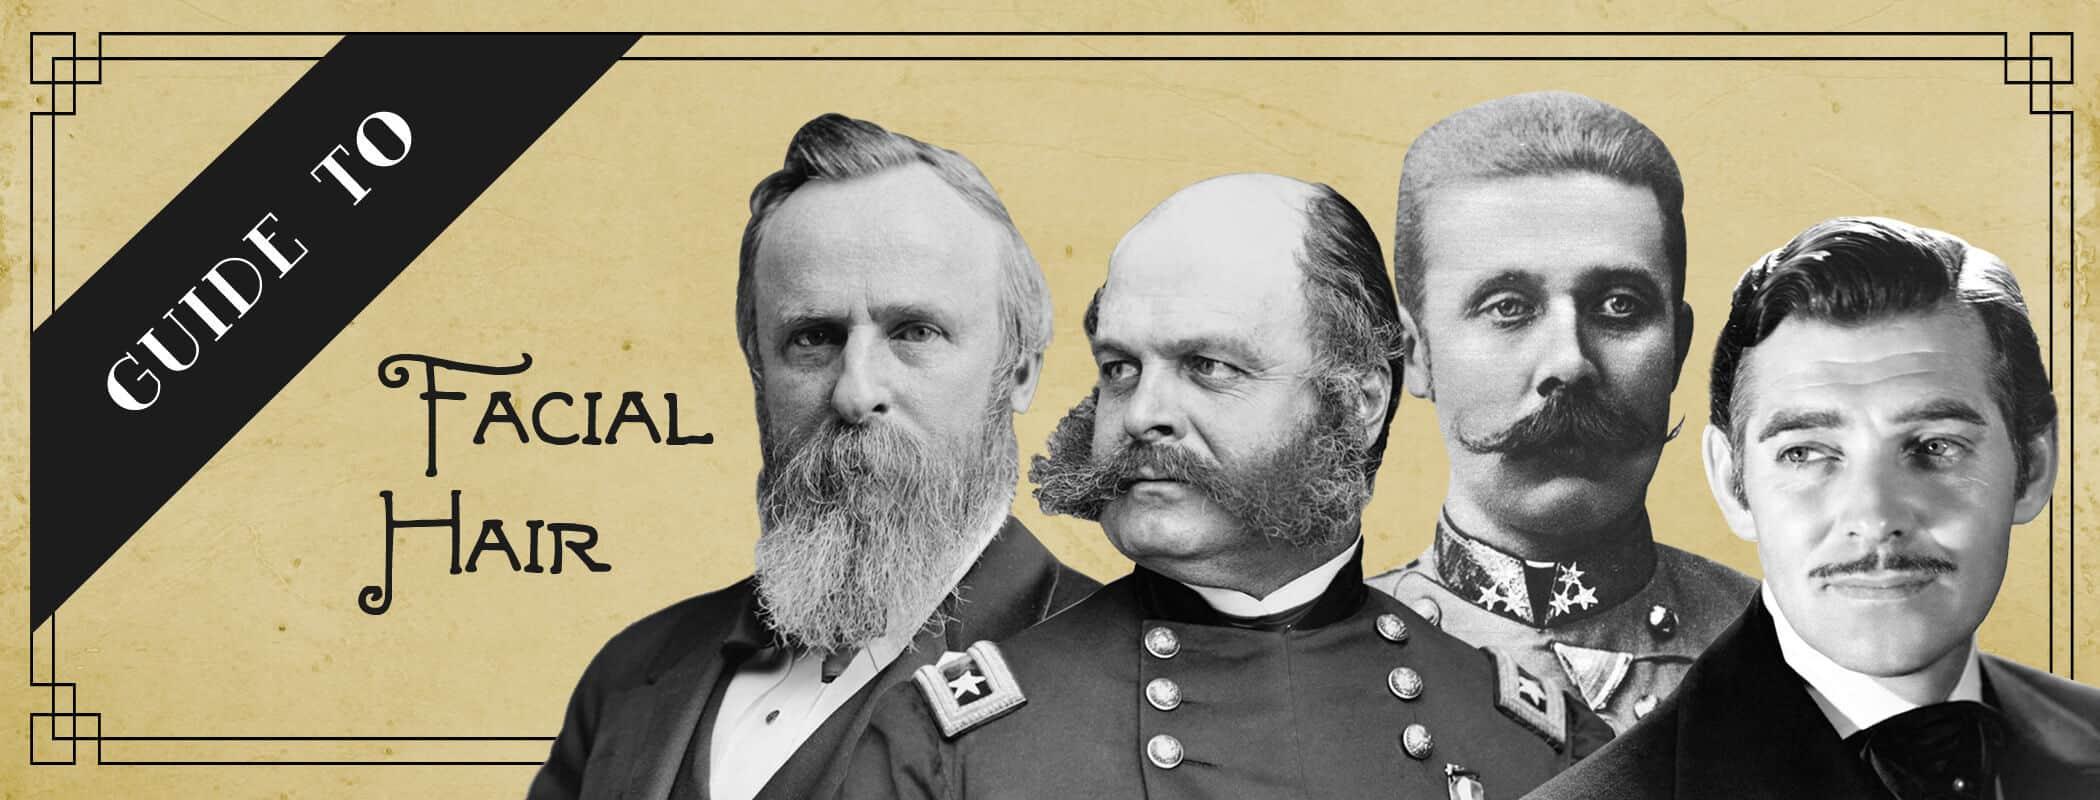 Beard & Facial Hair Guide — Gentleman's Gazette